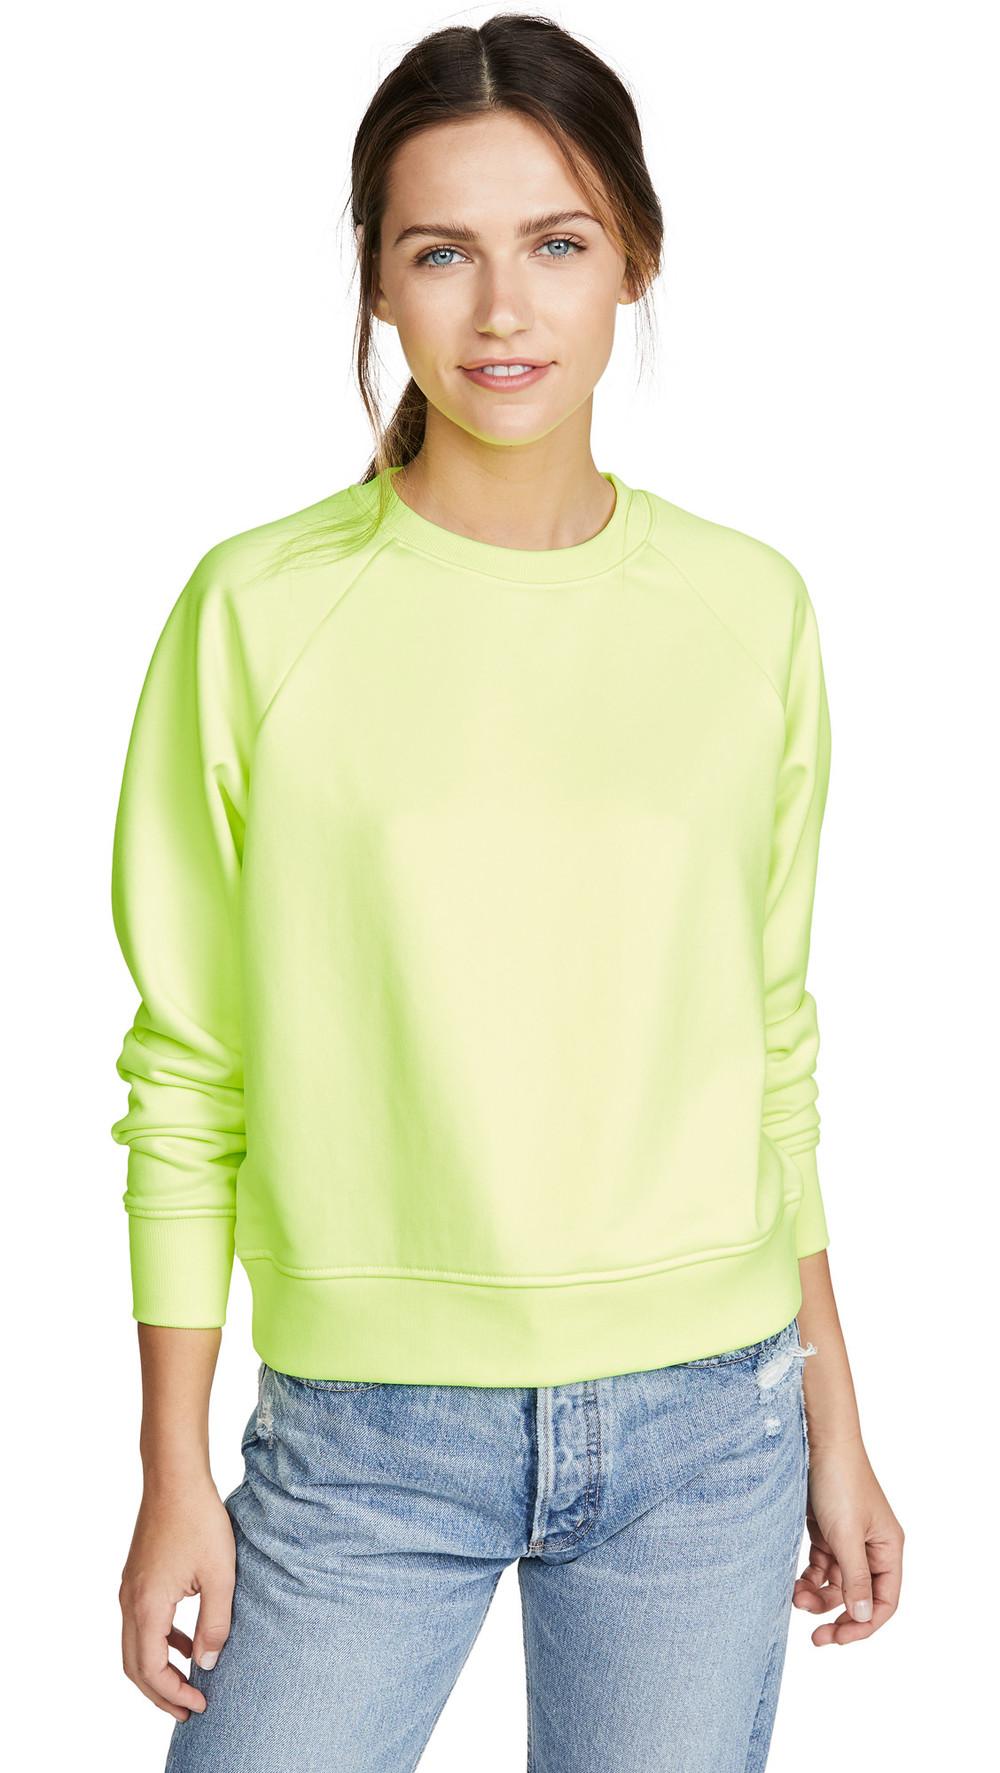 Hanes x Karla The Crew Sweatshirt-XK049 in yellow